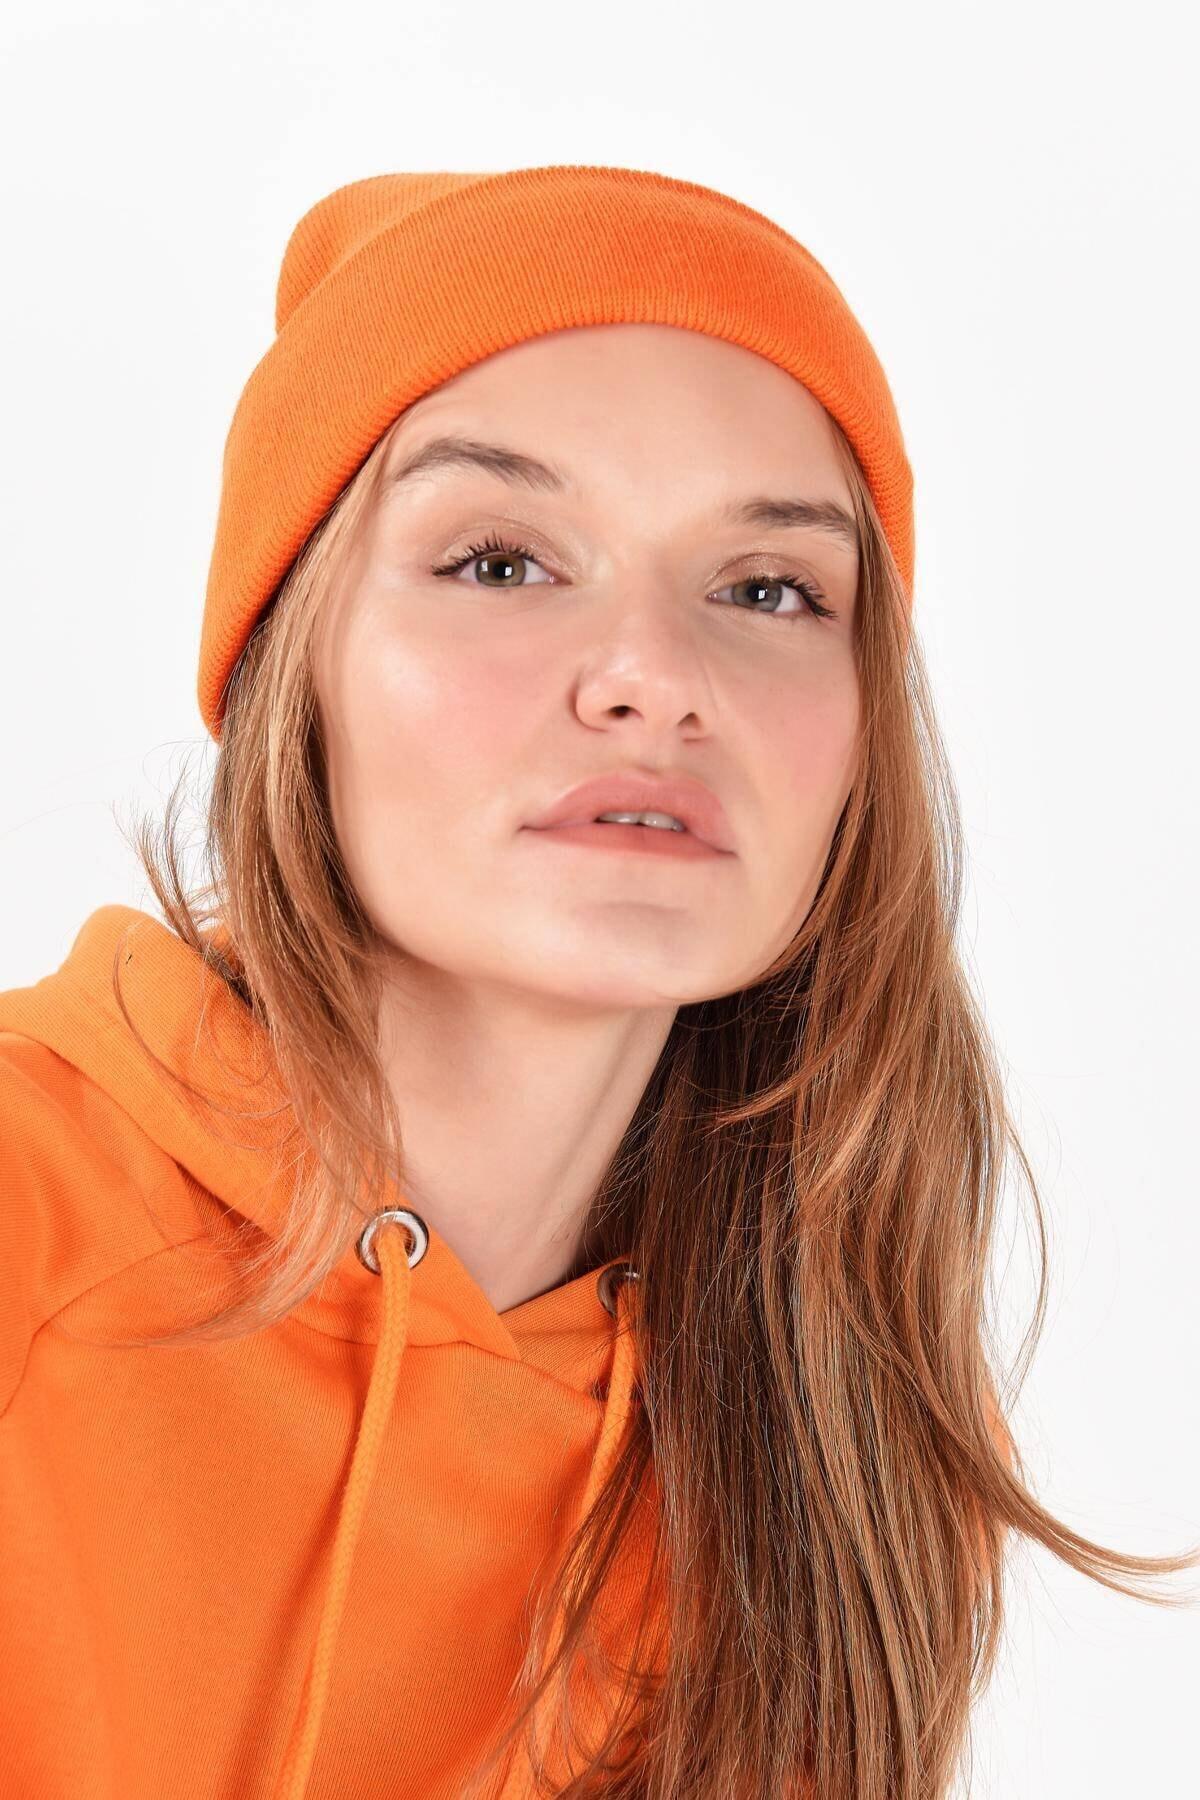 Addax Kadın Turuncu Şapka Şpk12835 - Aks -e5 ADX-0000020470 1